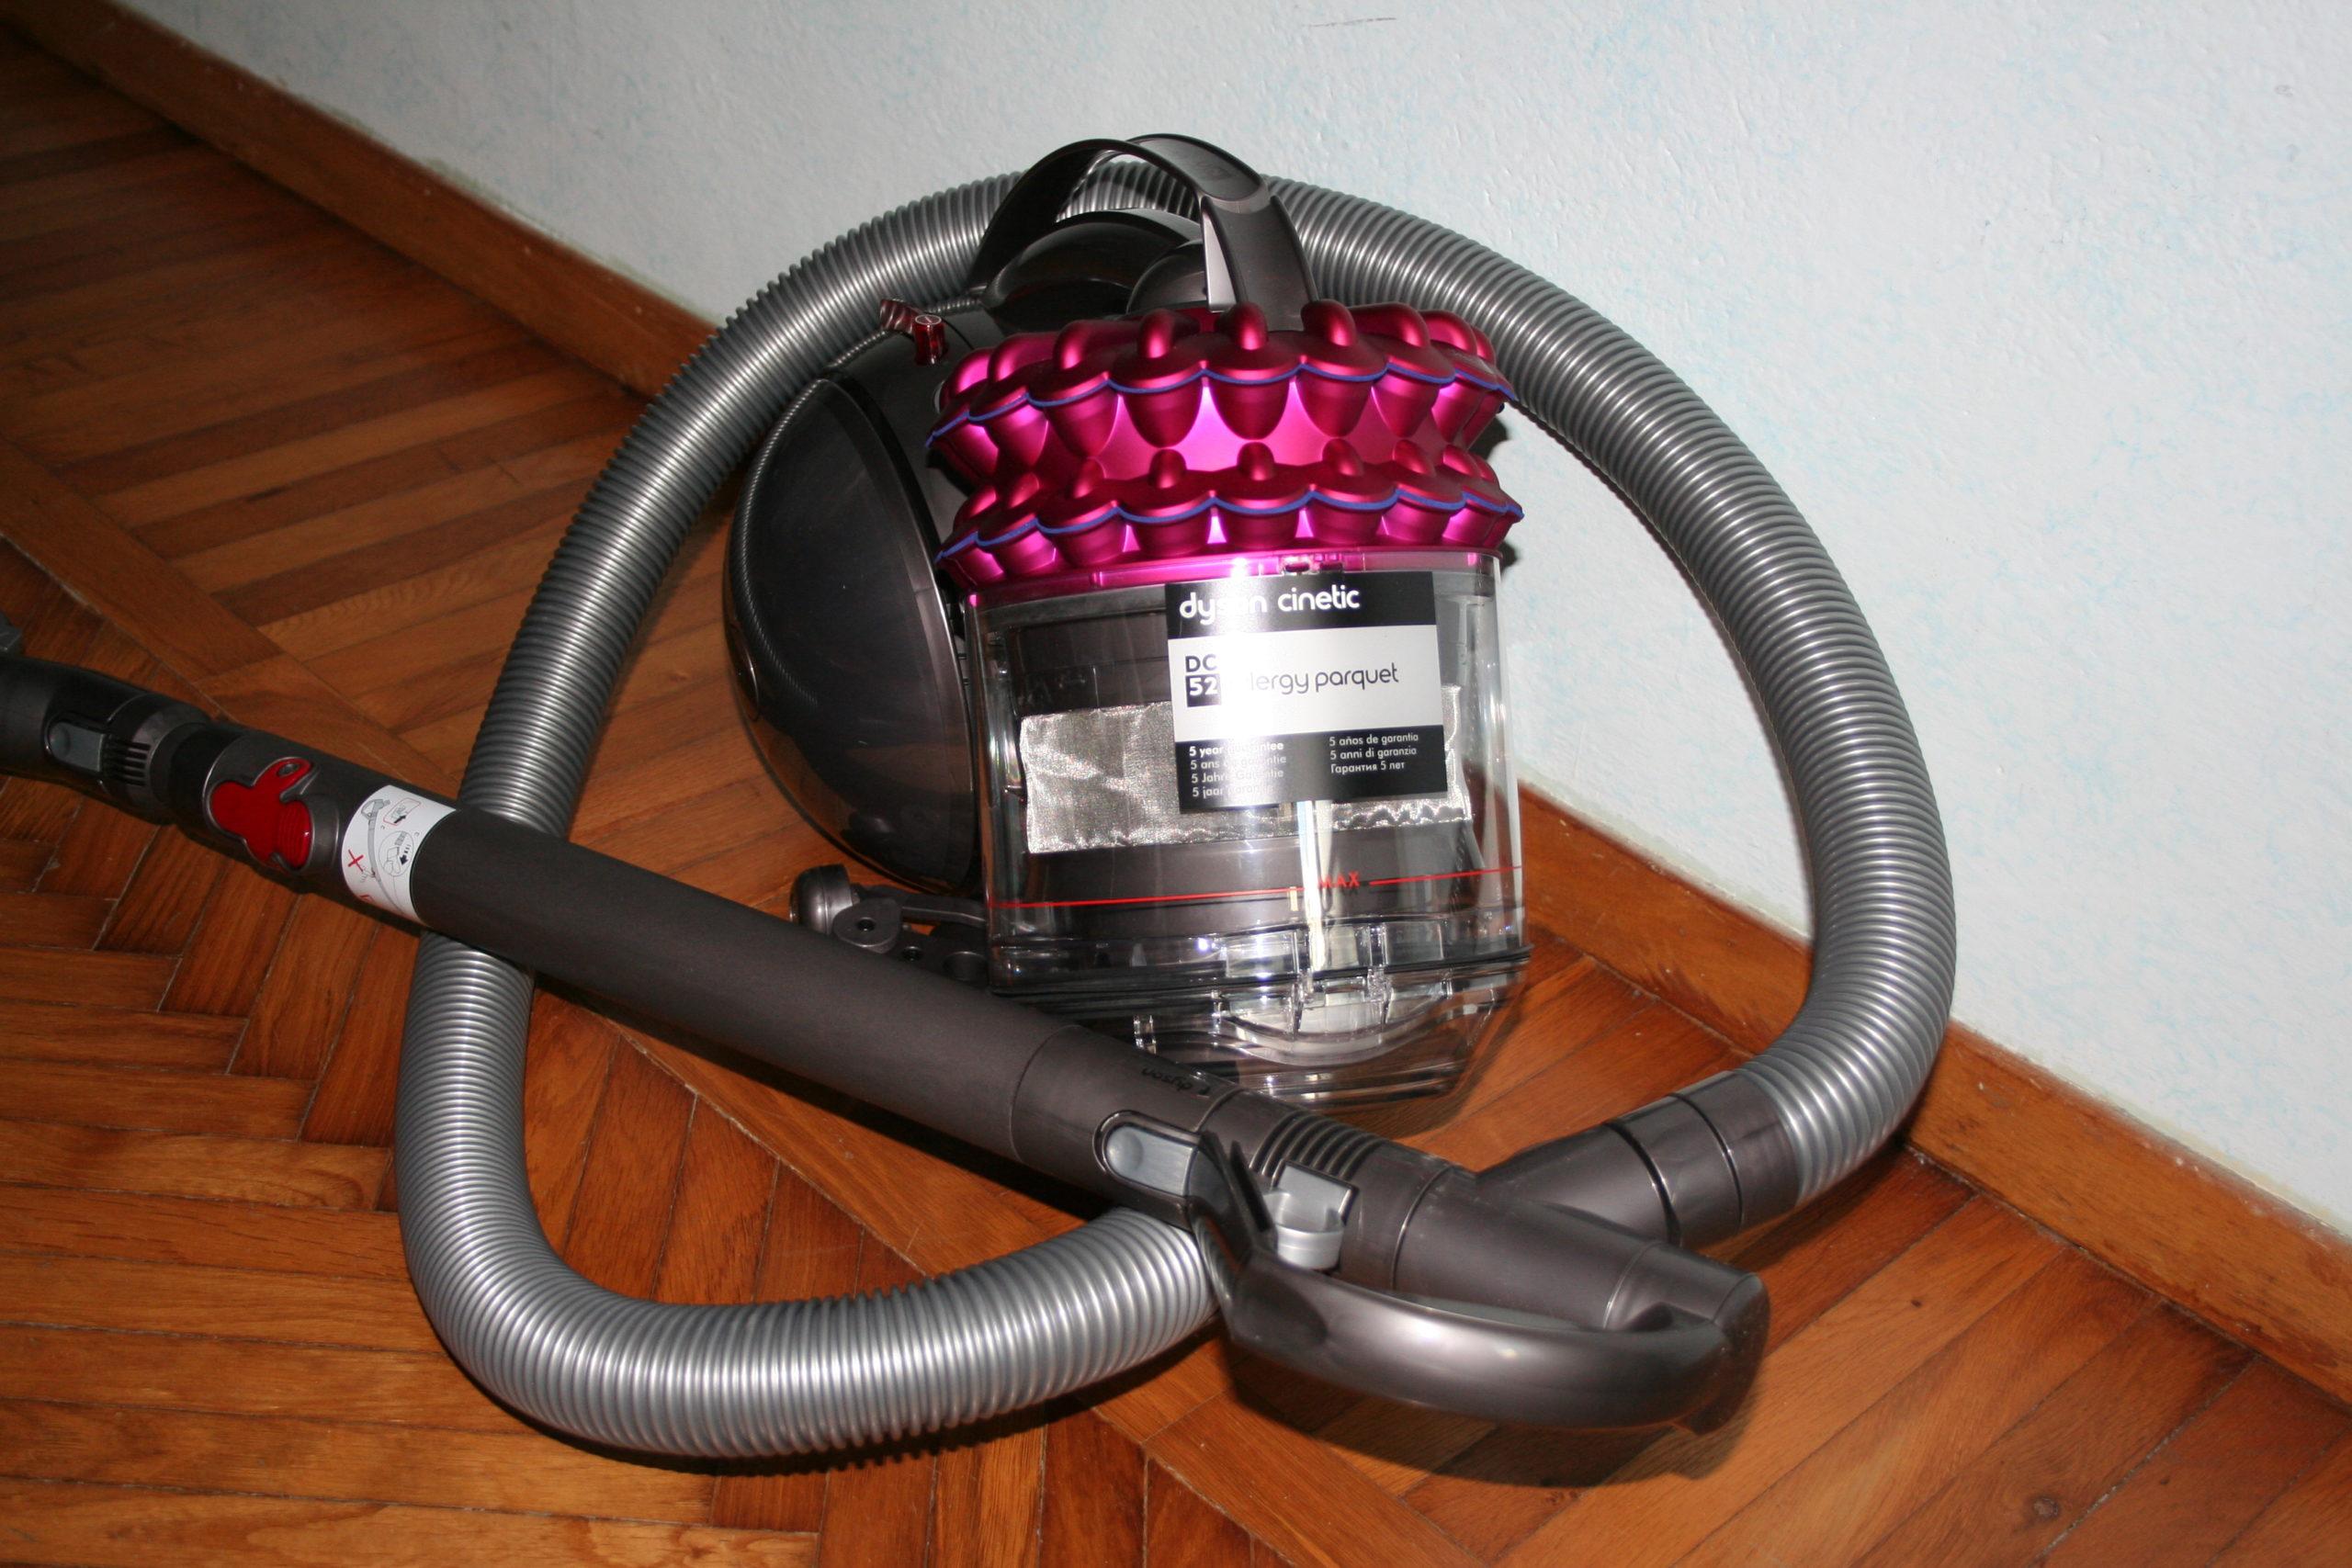 Как мыть пылесос дайсон 52 пылесос дайсон мотор